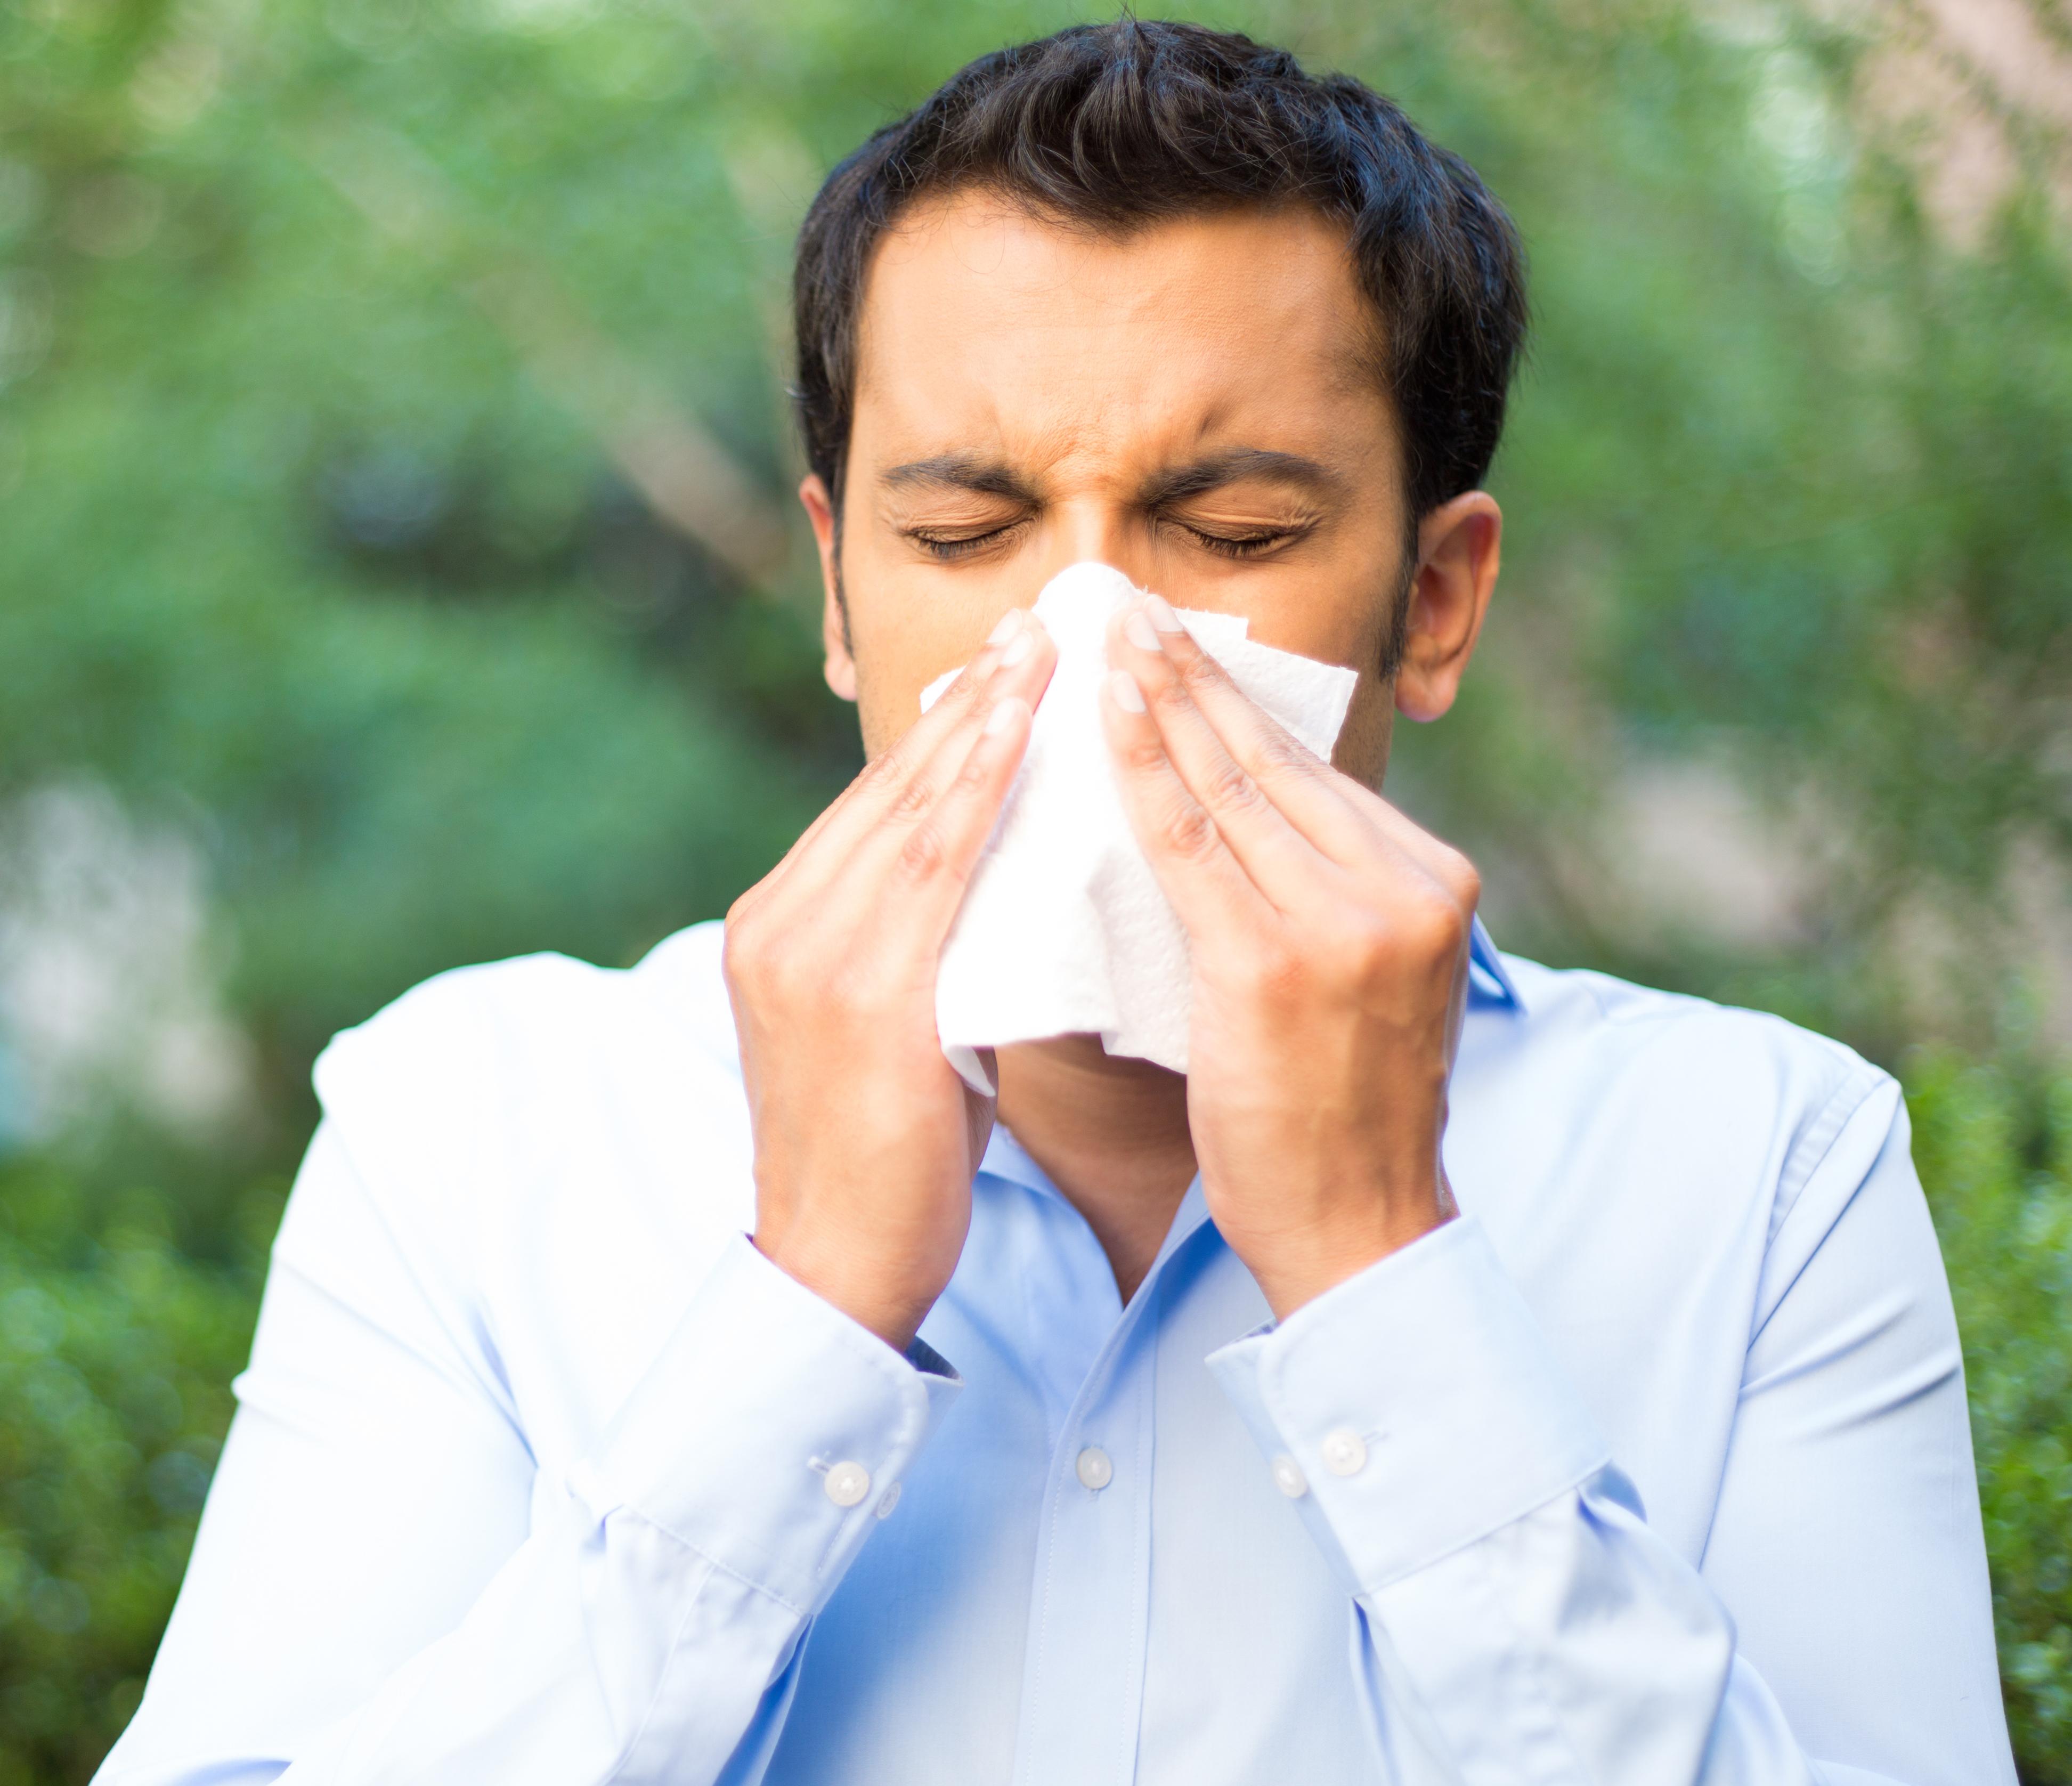 Man dealing with seasonal allergies